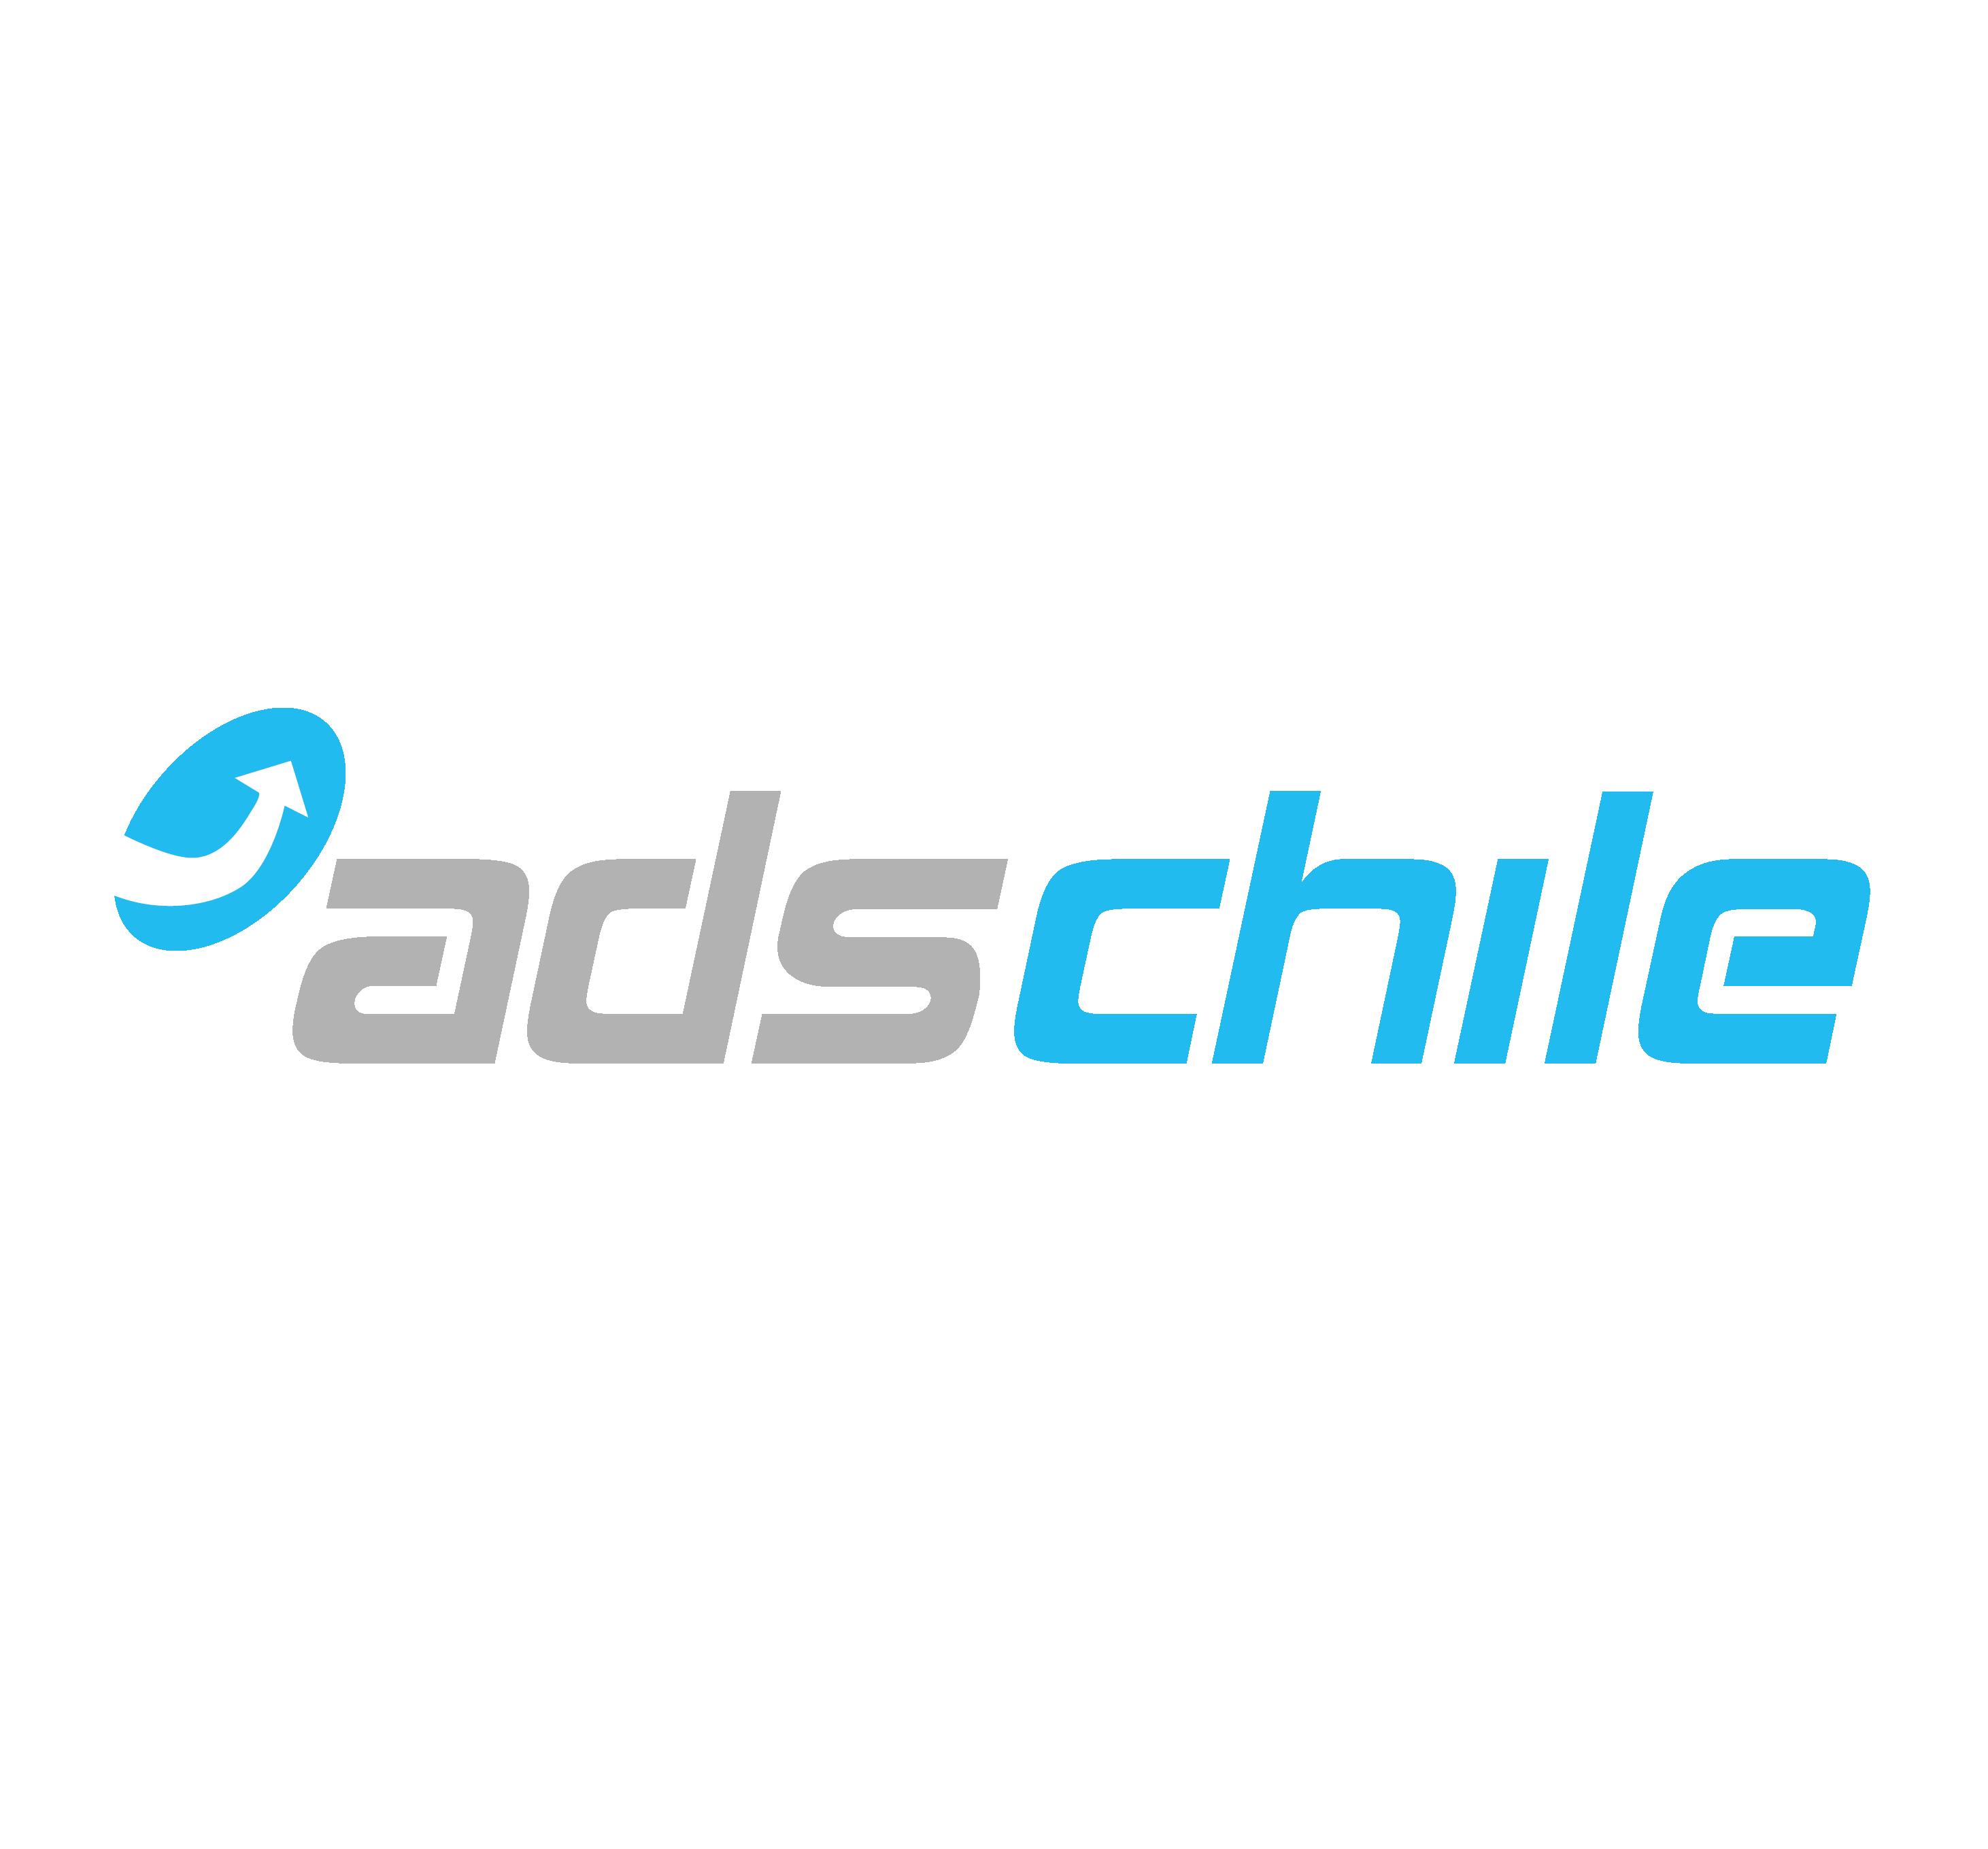 Logo ads 01 087e1c05 083c 4484 9e7e 7ab0a36c869b